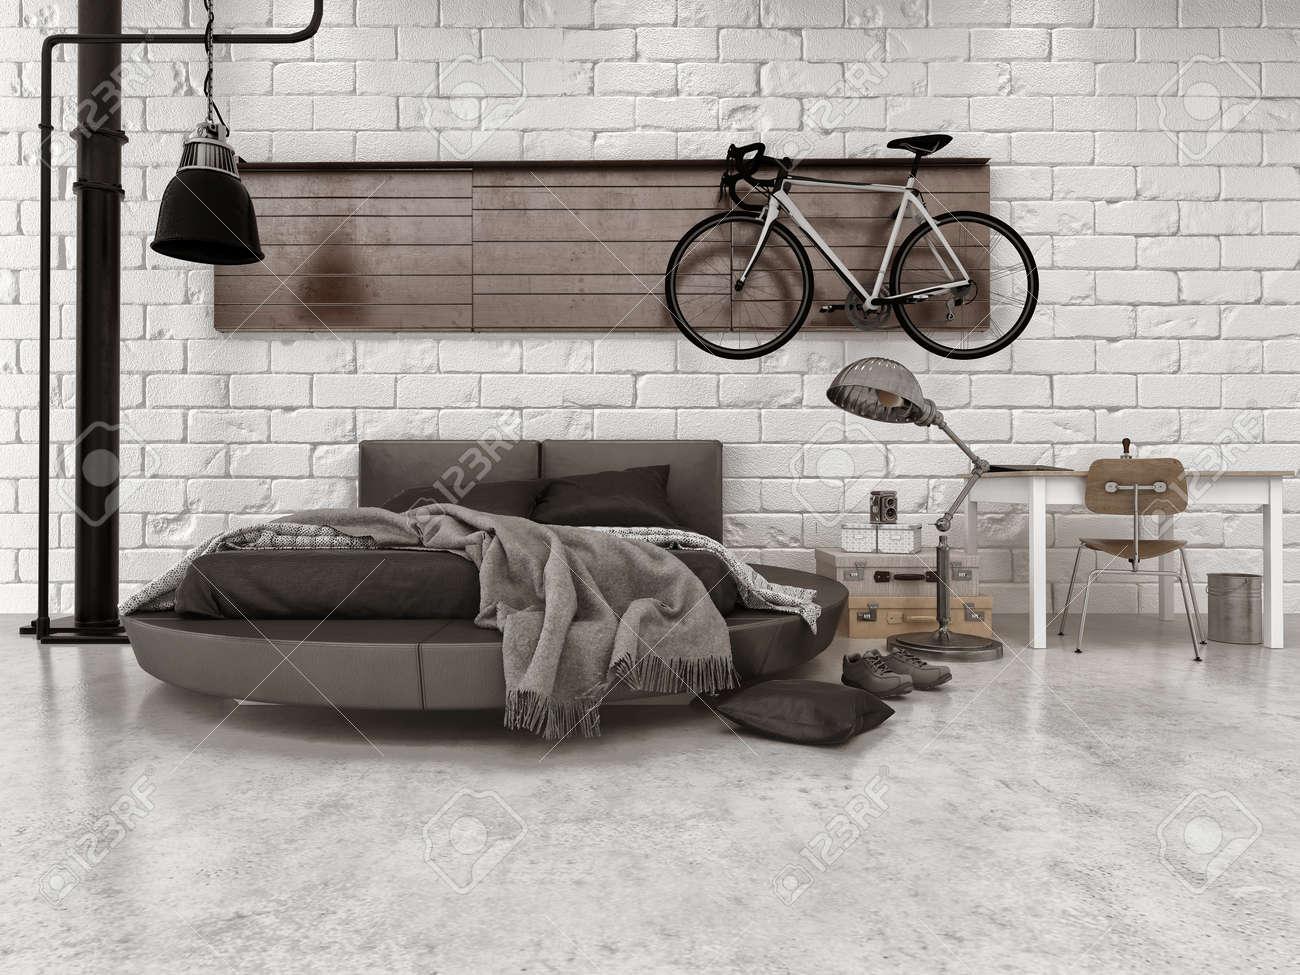 Banque Du0027images   Moderne Style Loft Chambre Dans Appartement Avec Un  Mobilier, Lit Rond, Et Vélos Suspendus Sur Mur